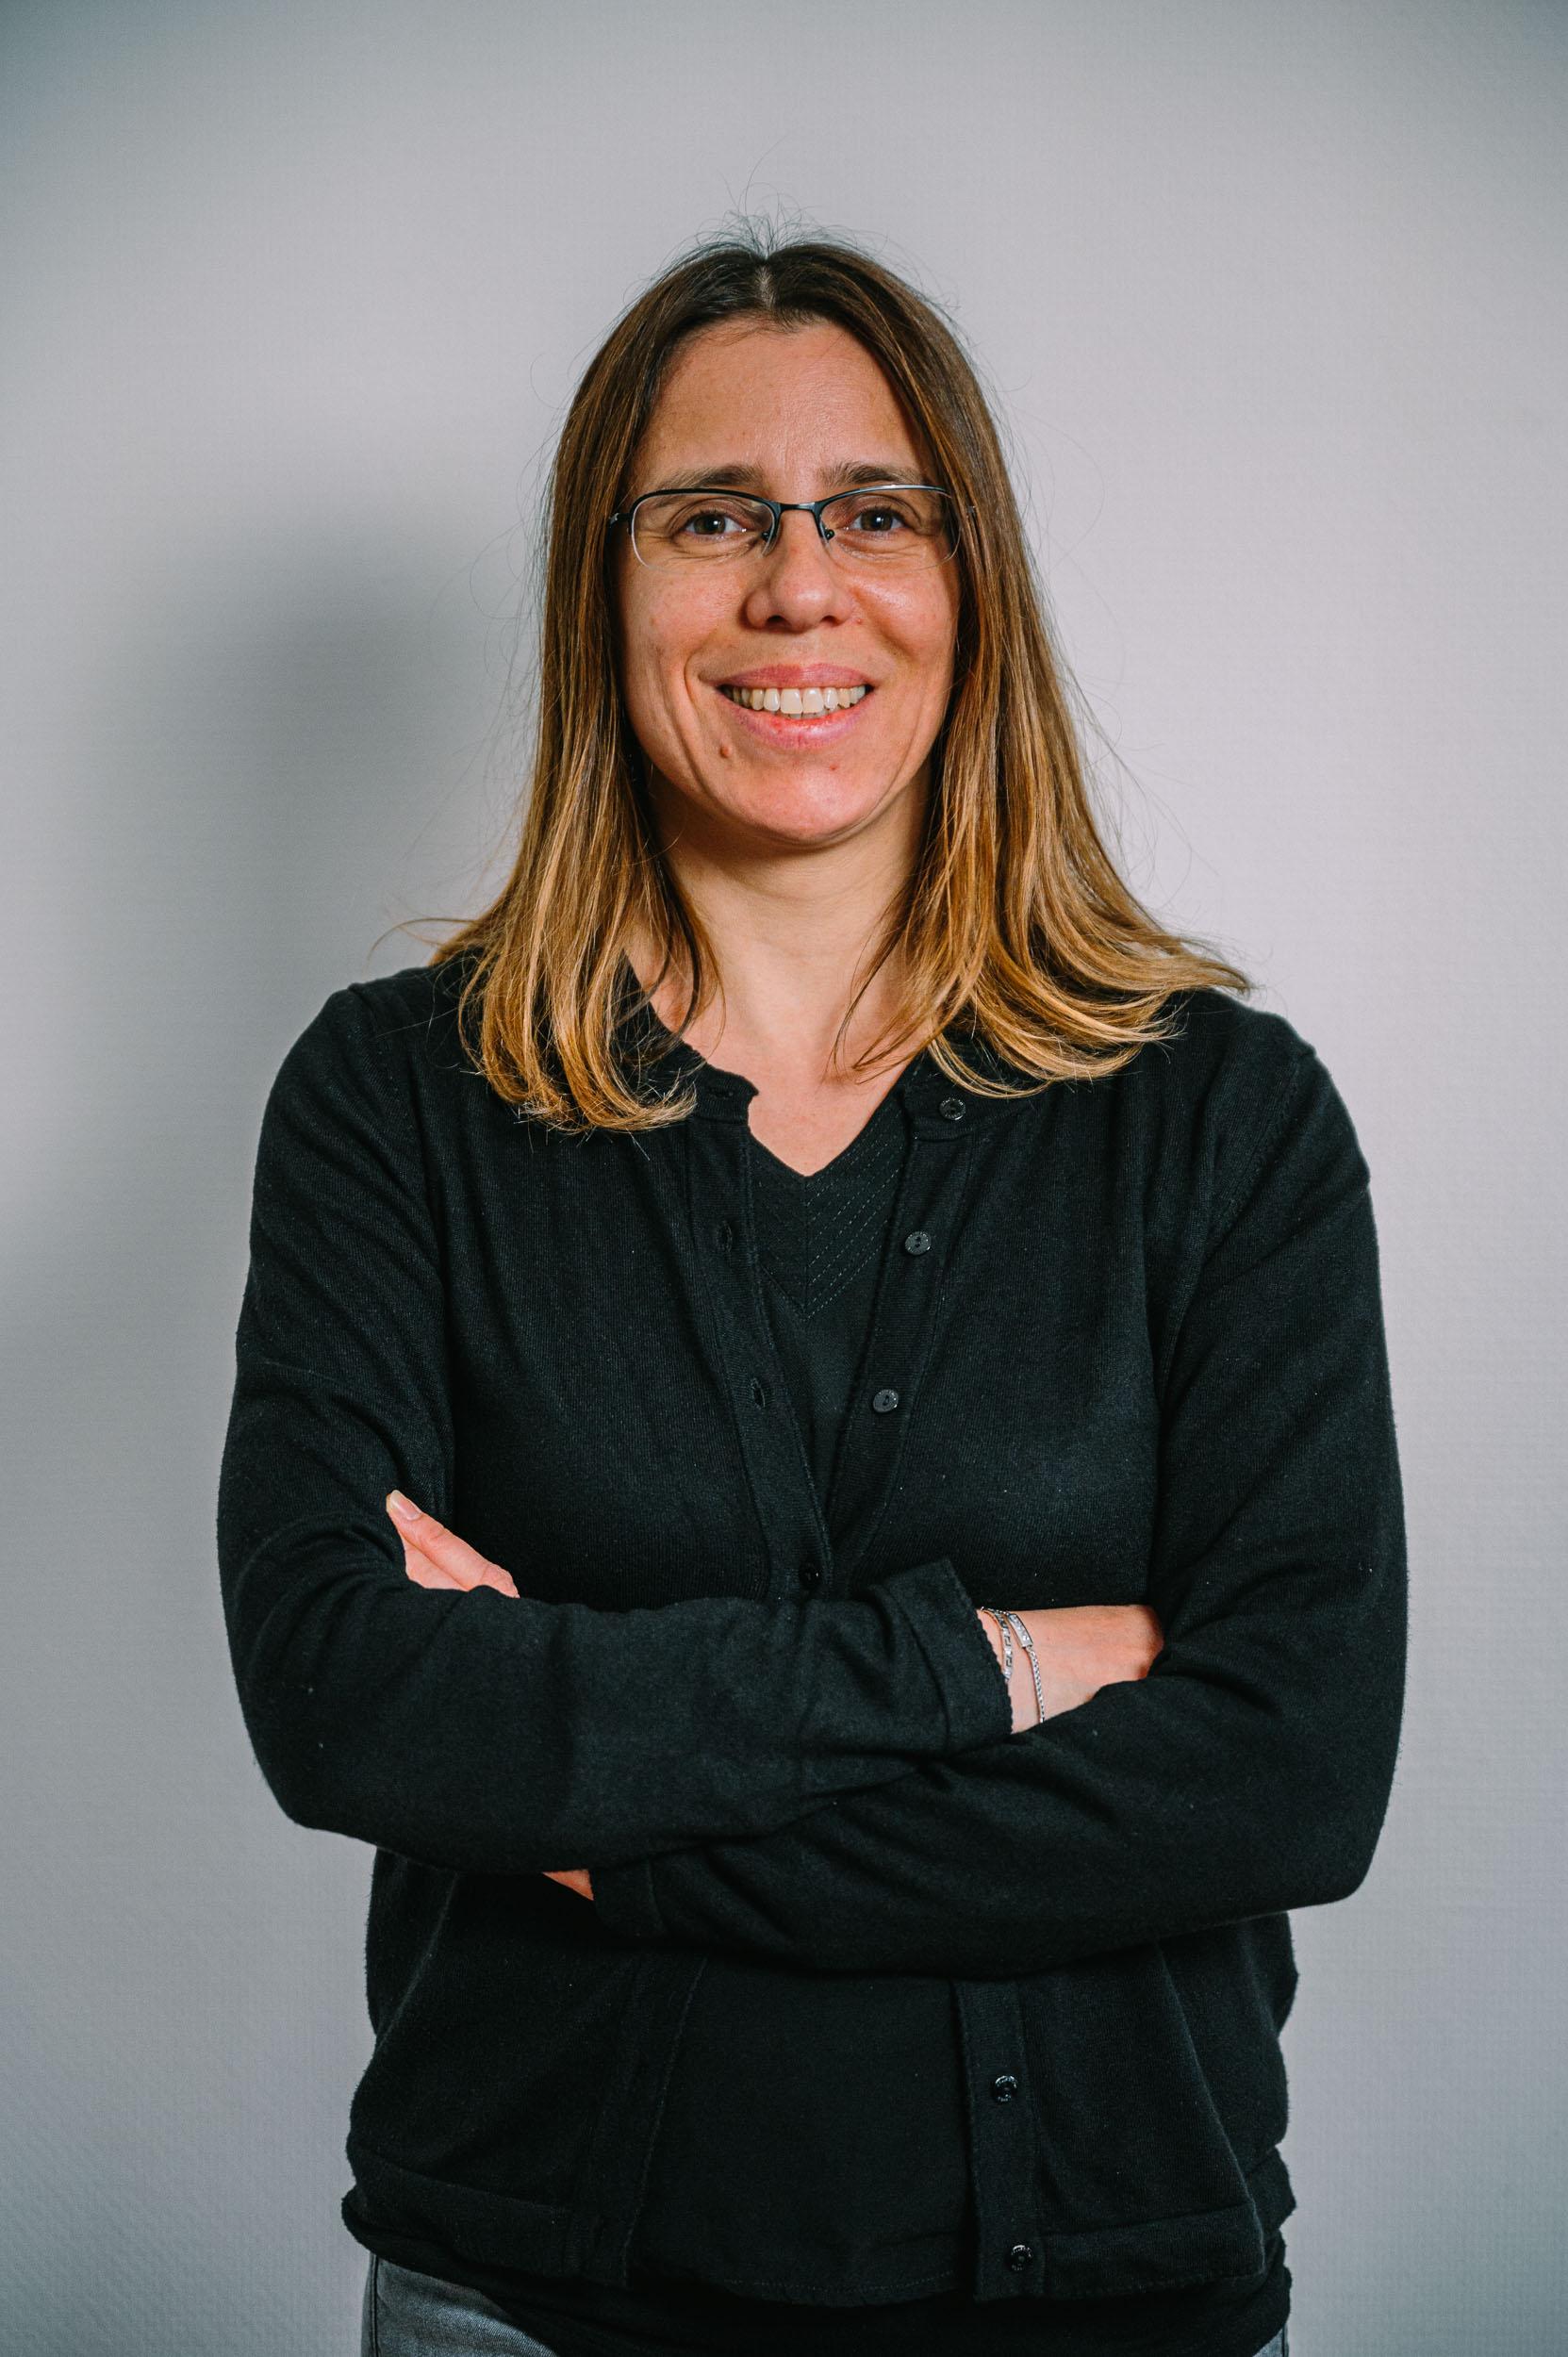 Audrey Perin